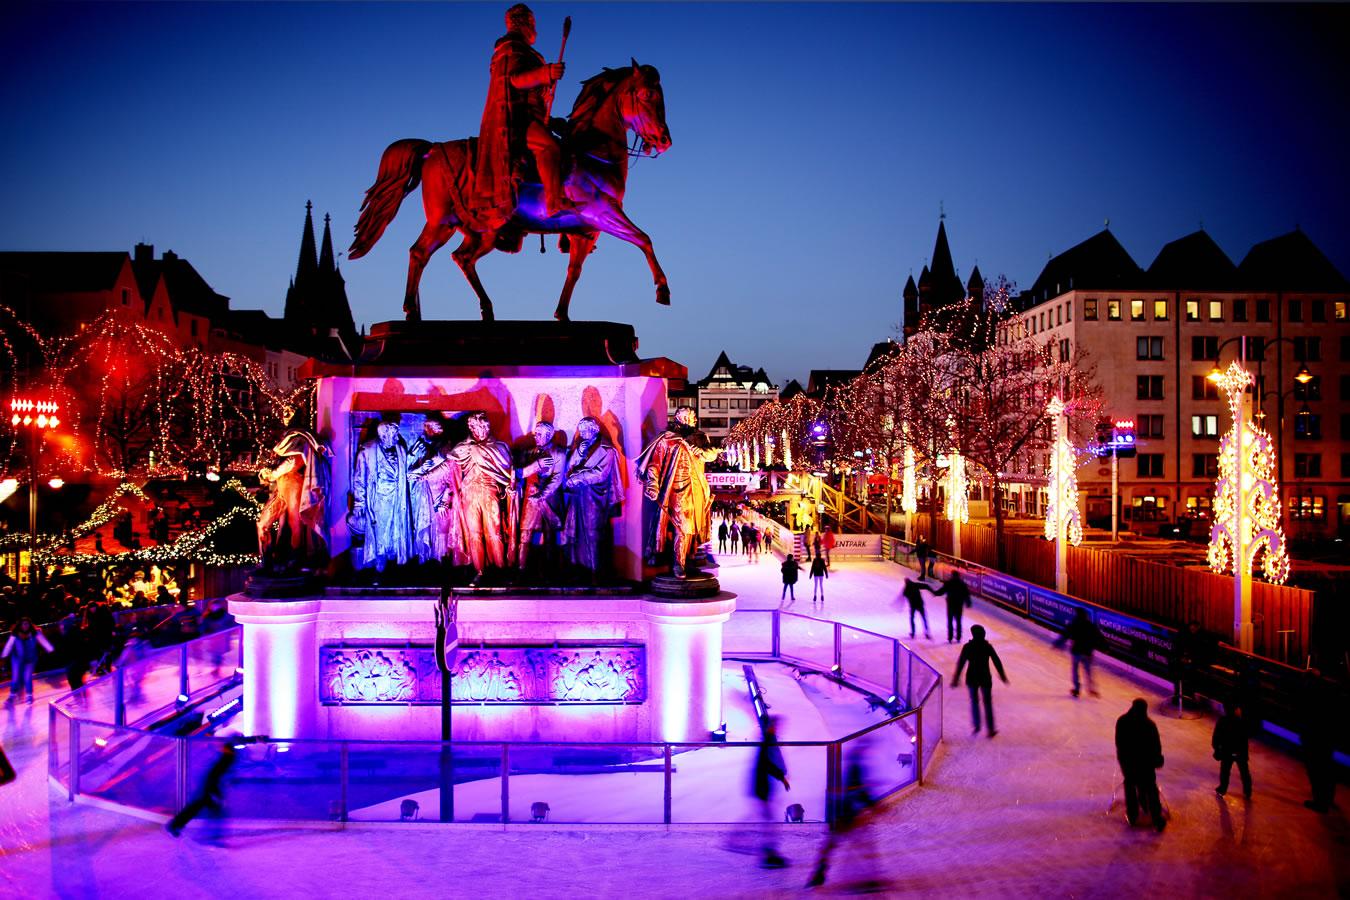 Dagobertshausen Weihnachtsmarkt.Historischer Weihnachtsmarkt In Köln Reisen Eturbonews De